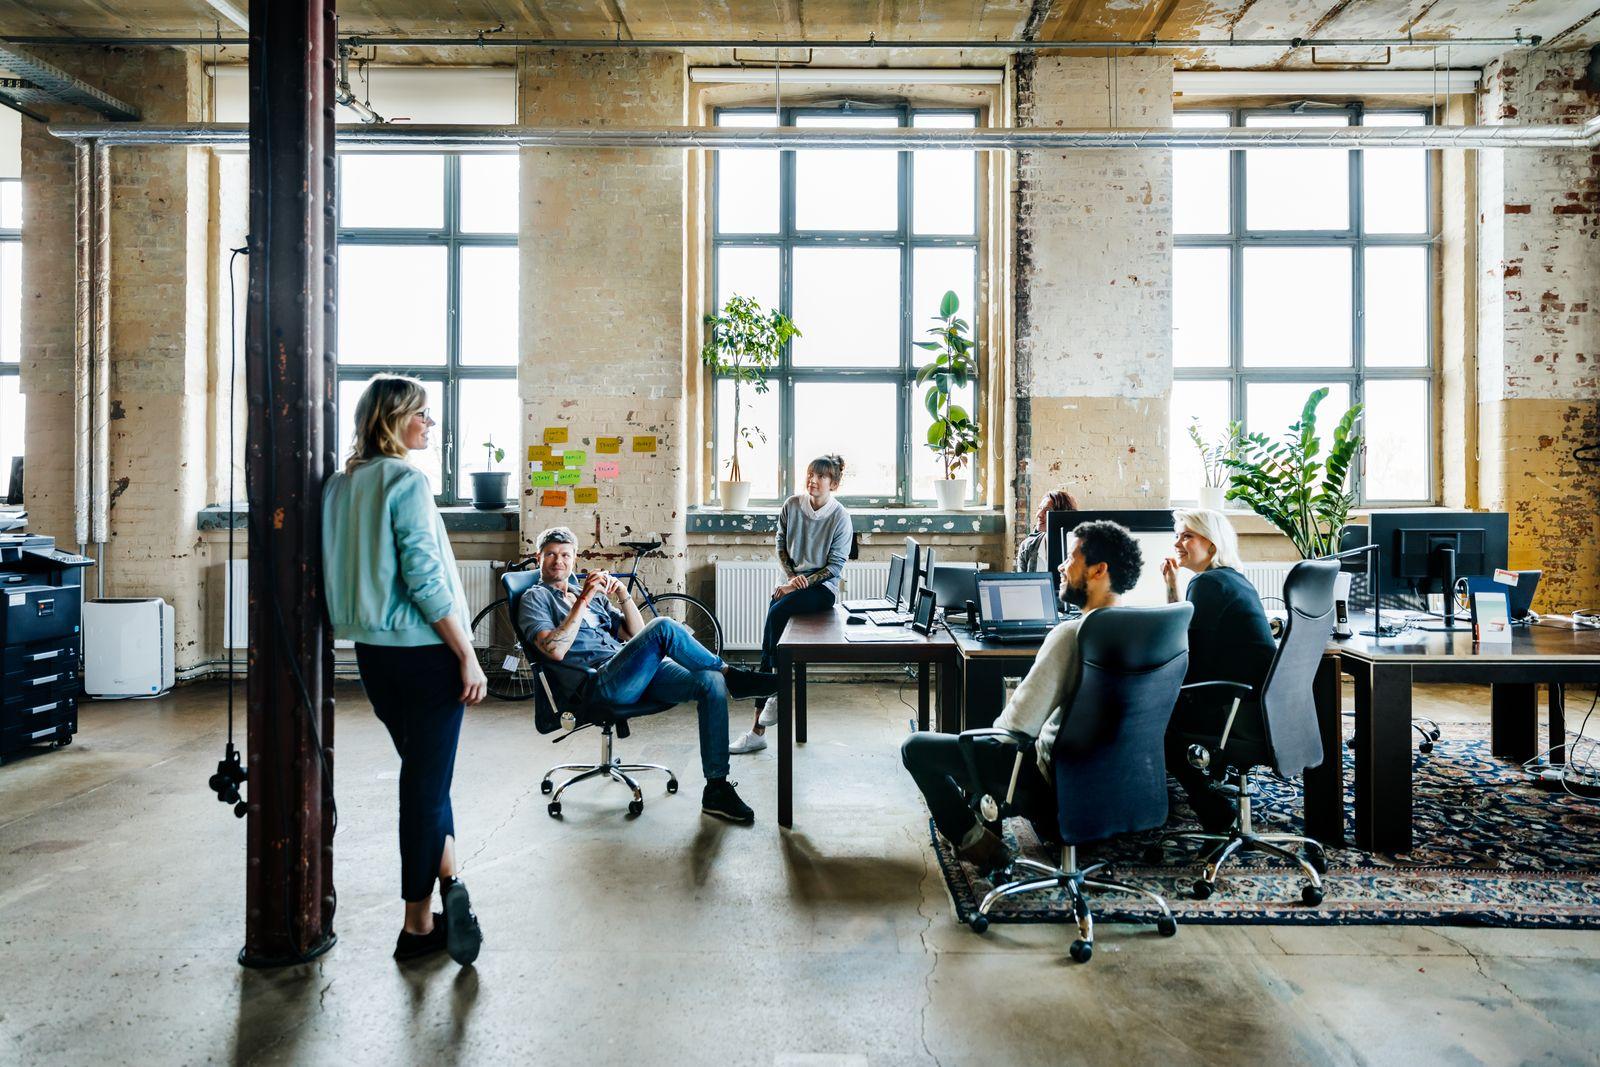 Informal Office Meeting